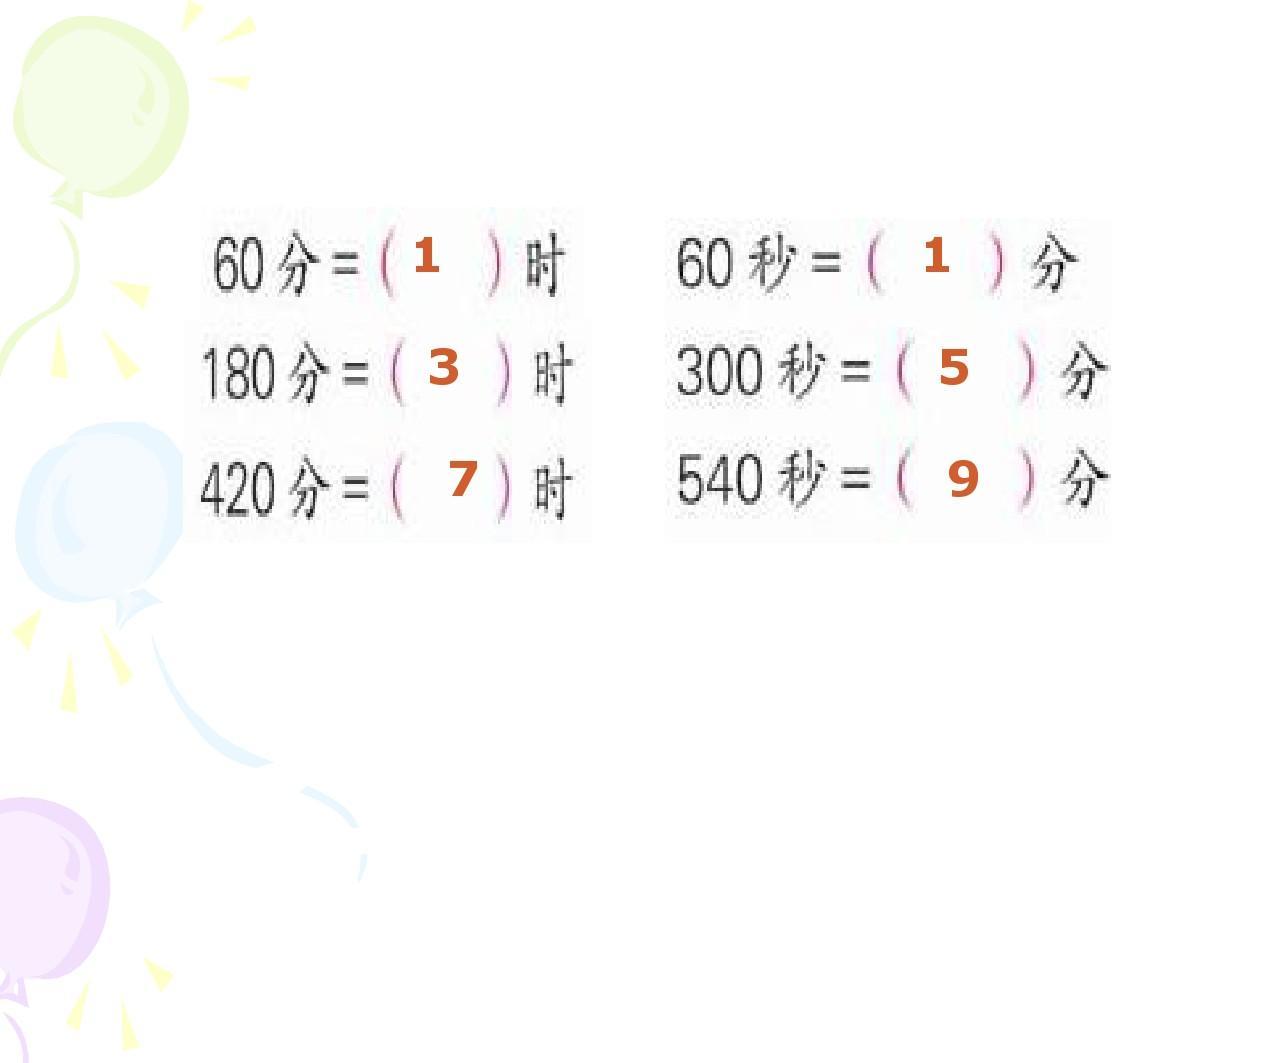 2014苏教版四除数上册课时第一课件数学是整十数的v除数和入门ppt笔算版新概念青少b年级图片